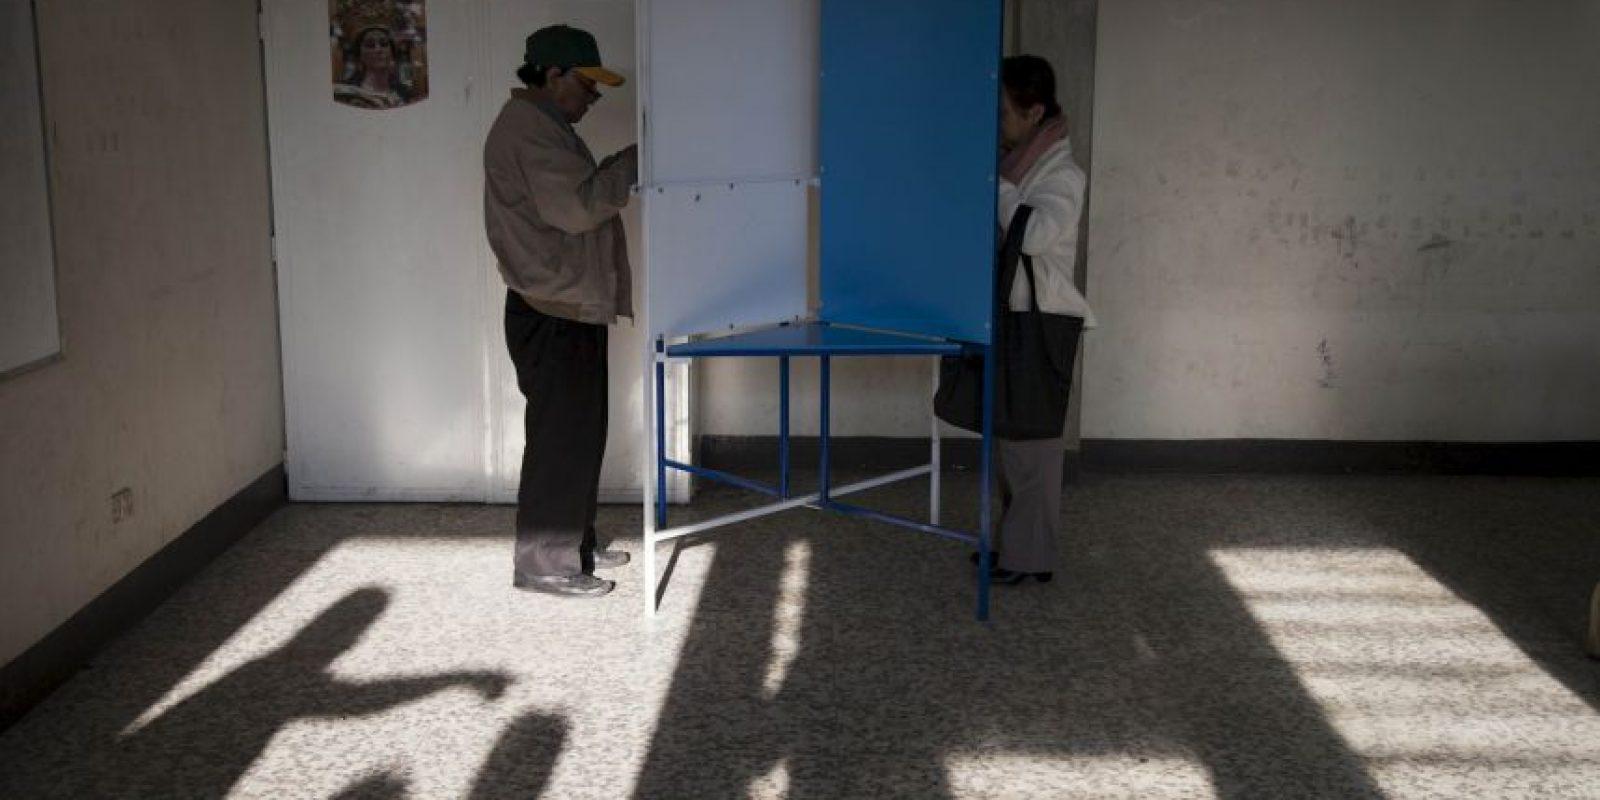 Los candidatos que se enfrentan por la presidencia son Jimmy Morales del Frente Convergencia Nacional y Sandra Torres de la Unidad Nacional de la Esperanza. Foto:AP